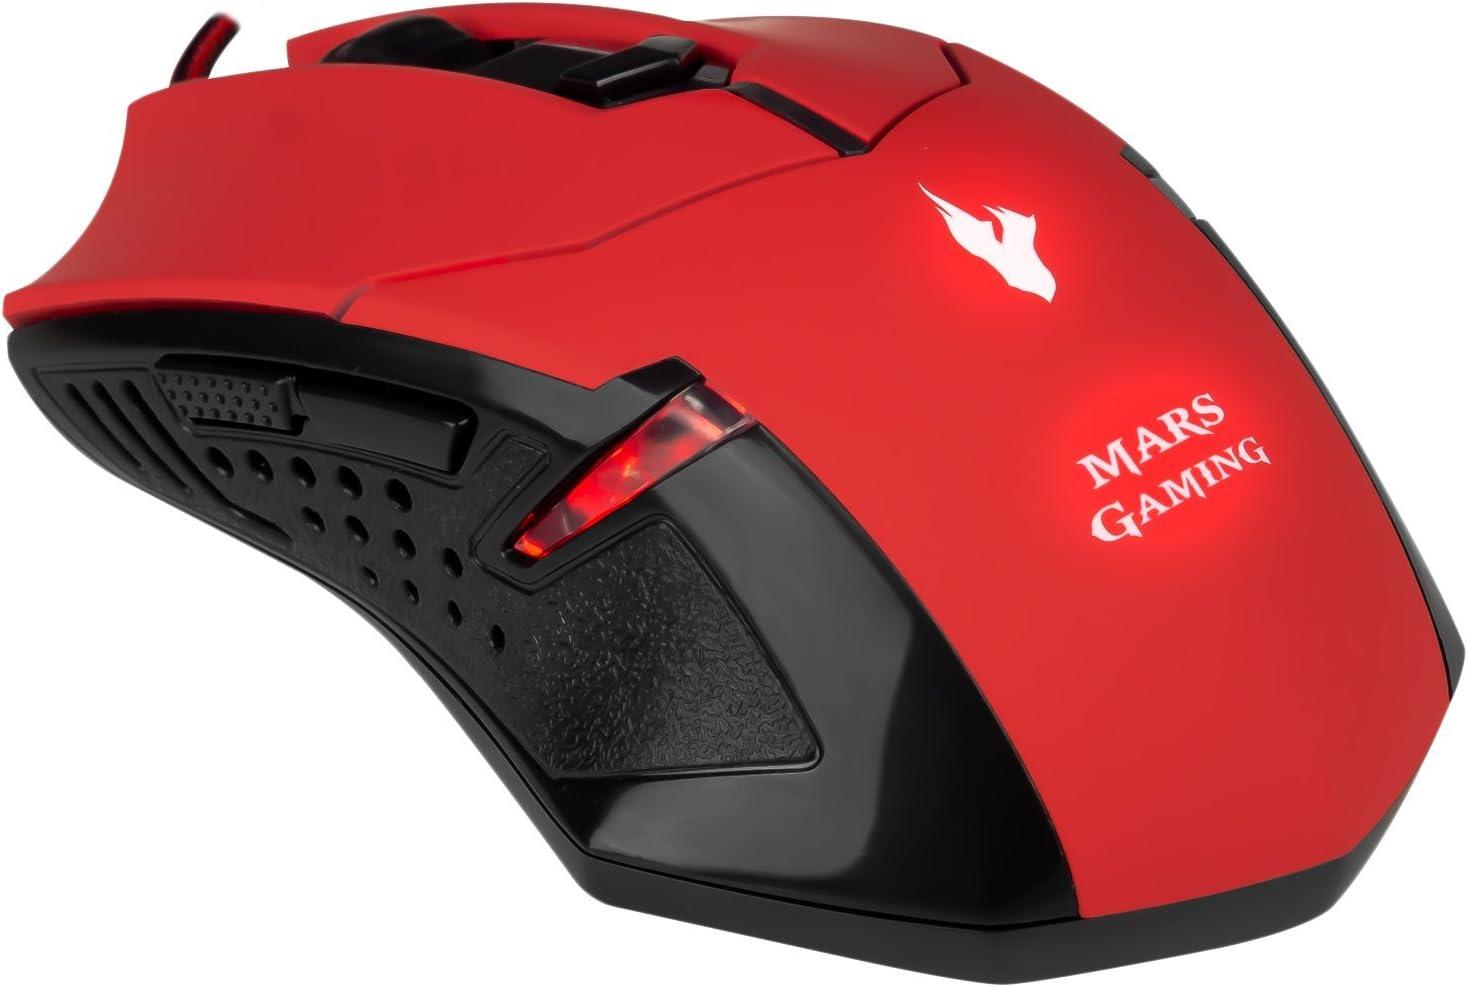 Mars Gaming MCPVU1, Pack Teclado y Ratón Gaming 2800DPI, Ambidiestro, Negro/Rojo: Mars-Gaming: Amazon.es: Informática